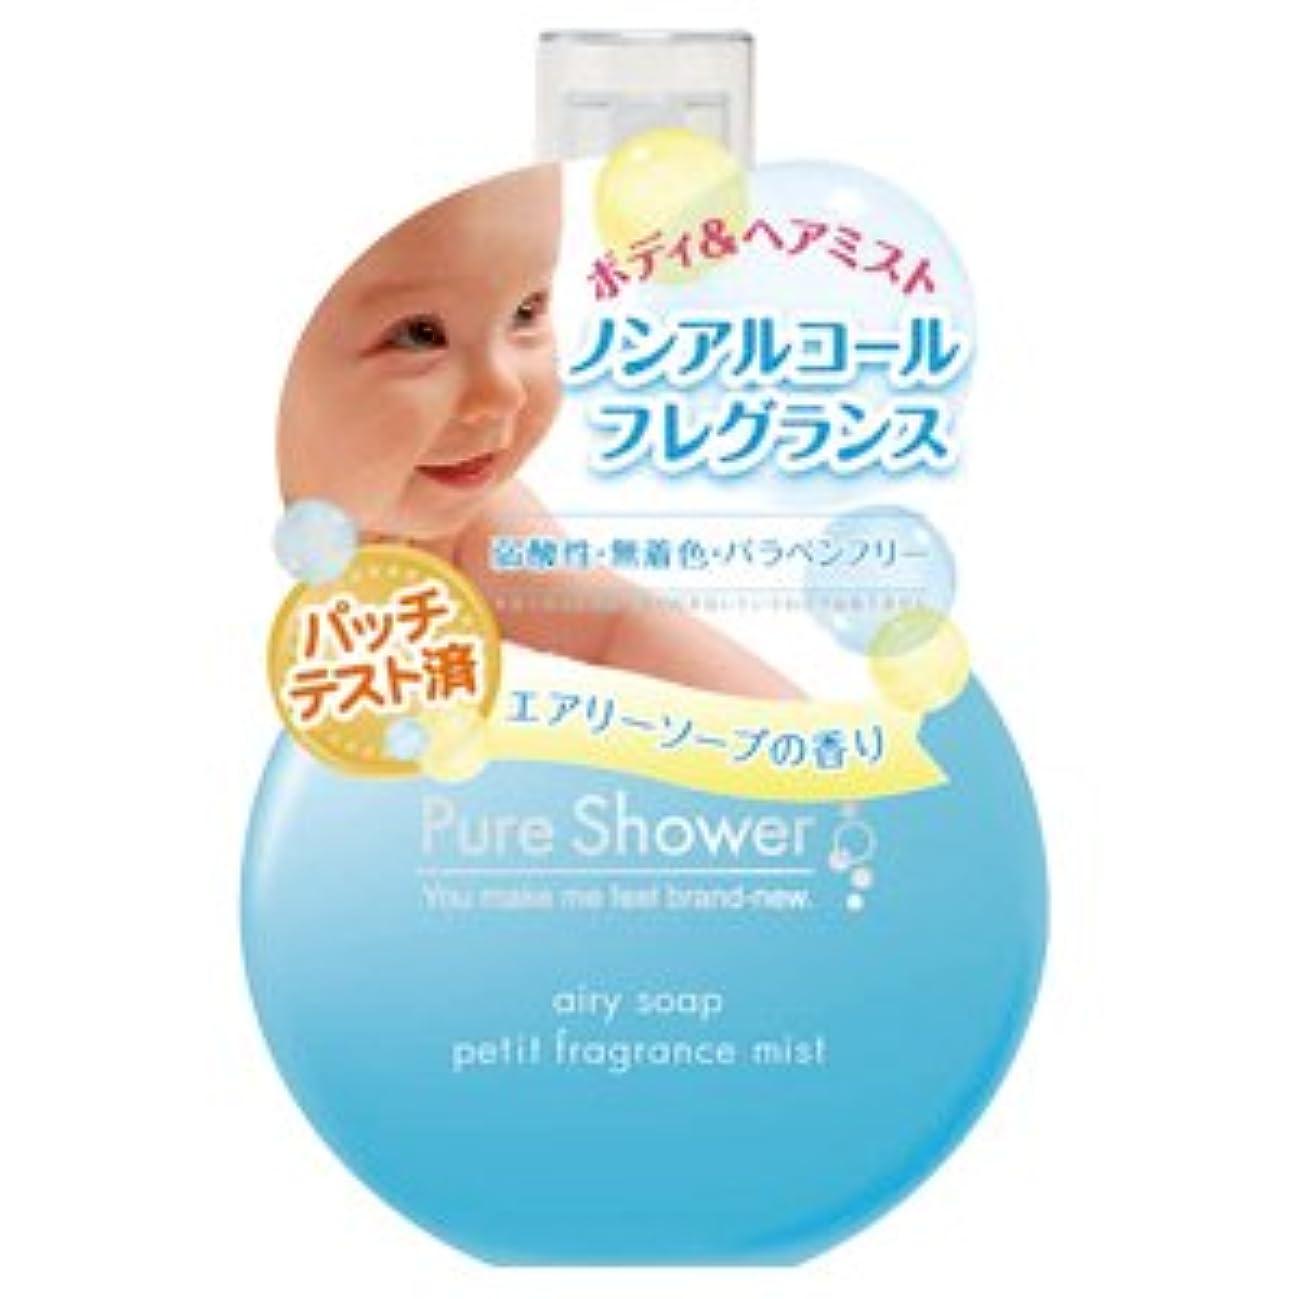 プレミアムスーツ乱暴なピュアシャワー Pure Shower ノンアルコール フレグランスミスト エアリーソープ 50ml